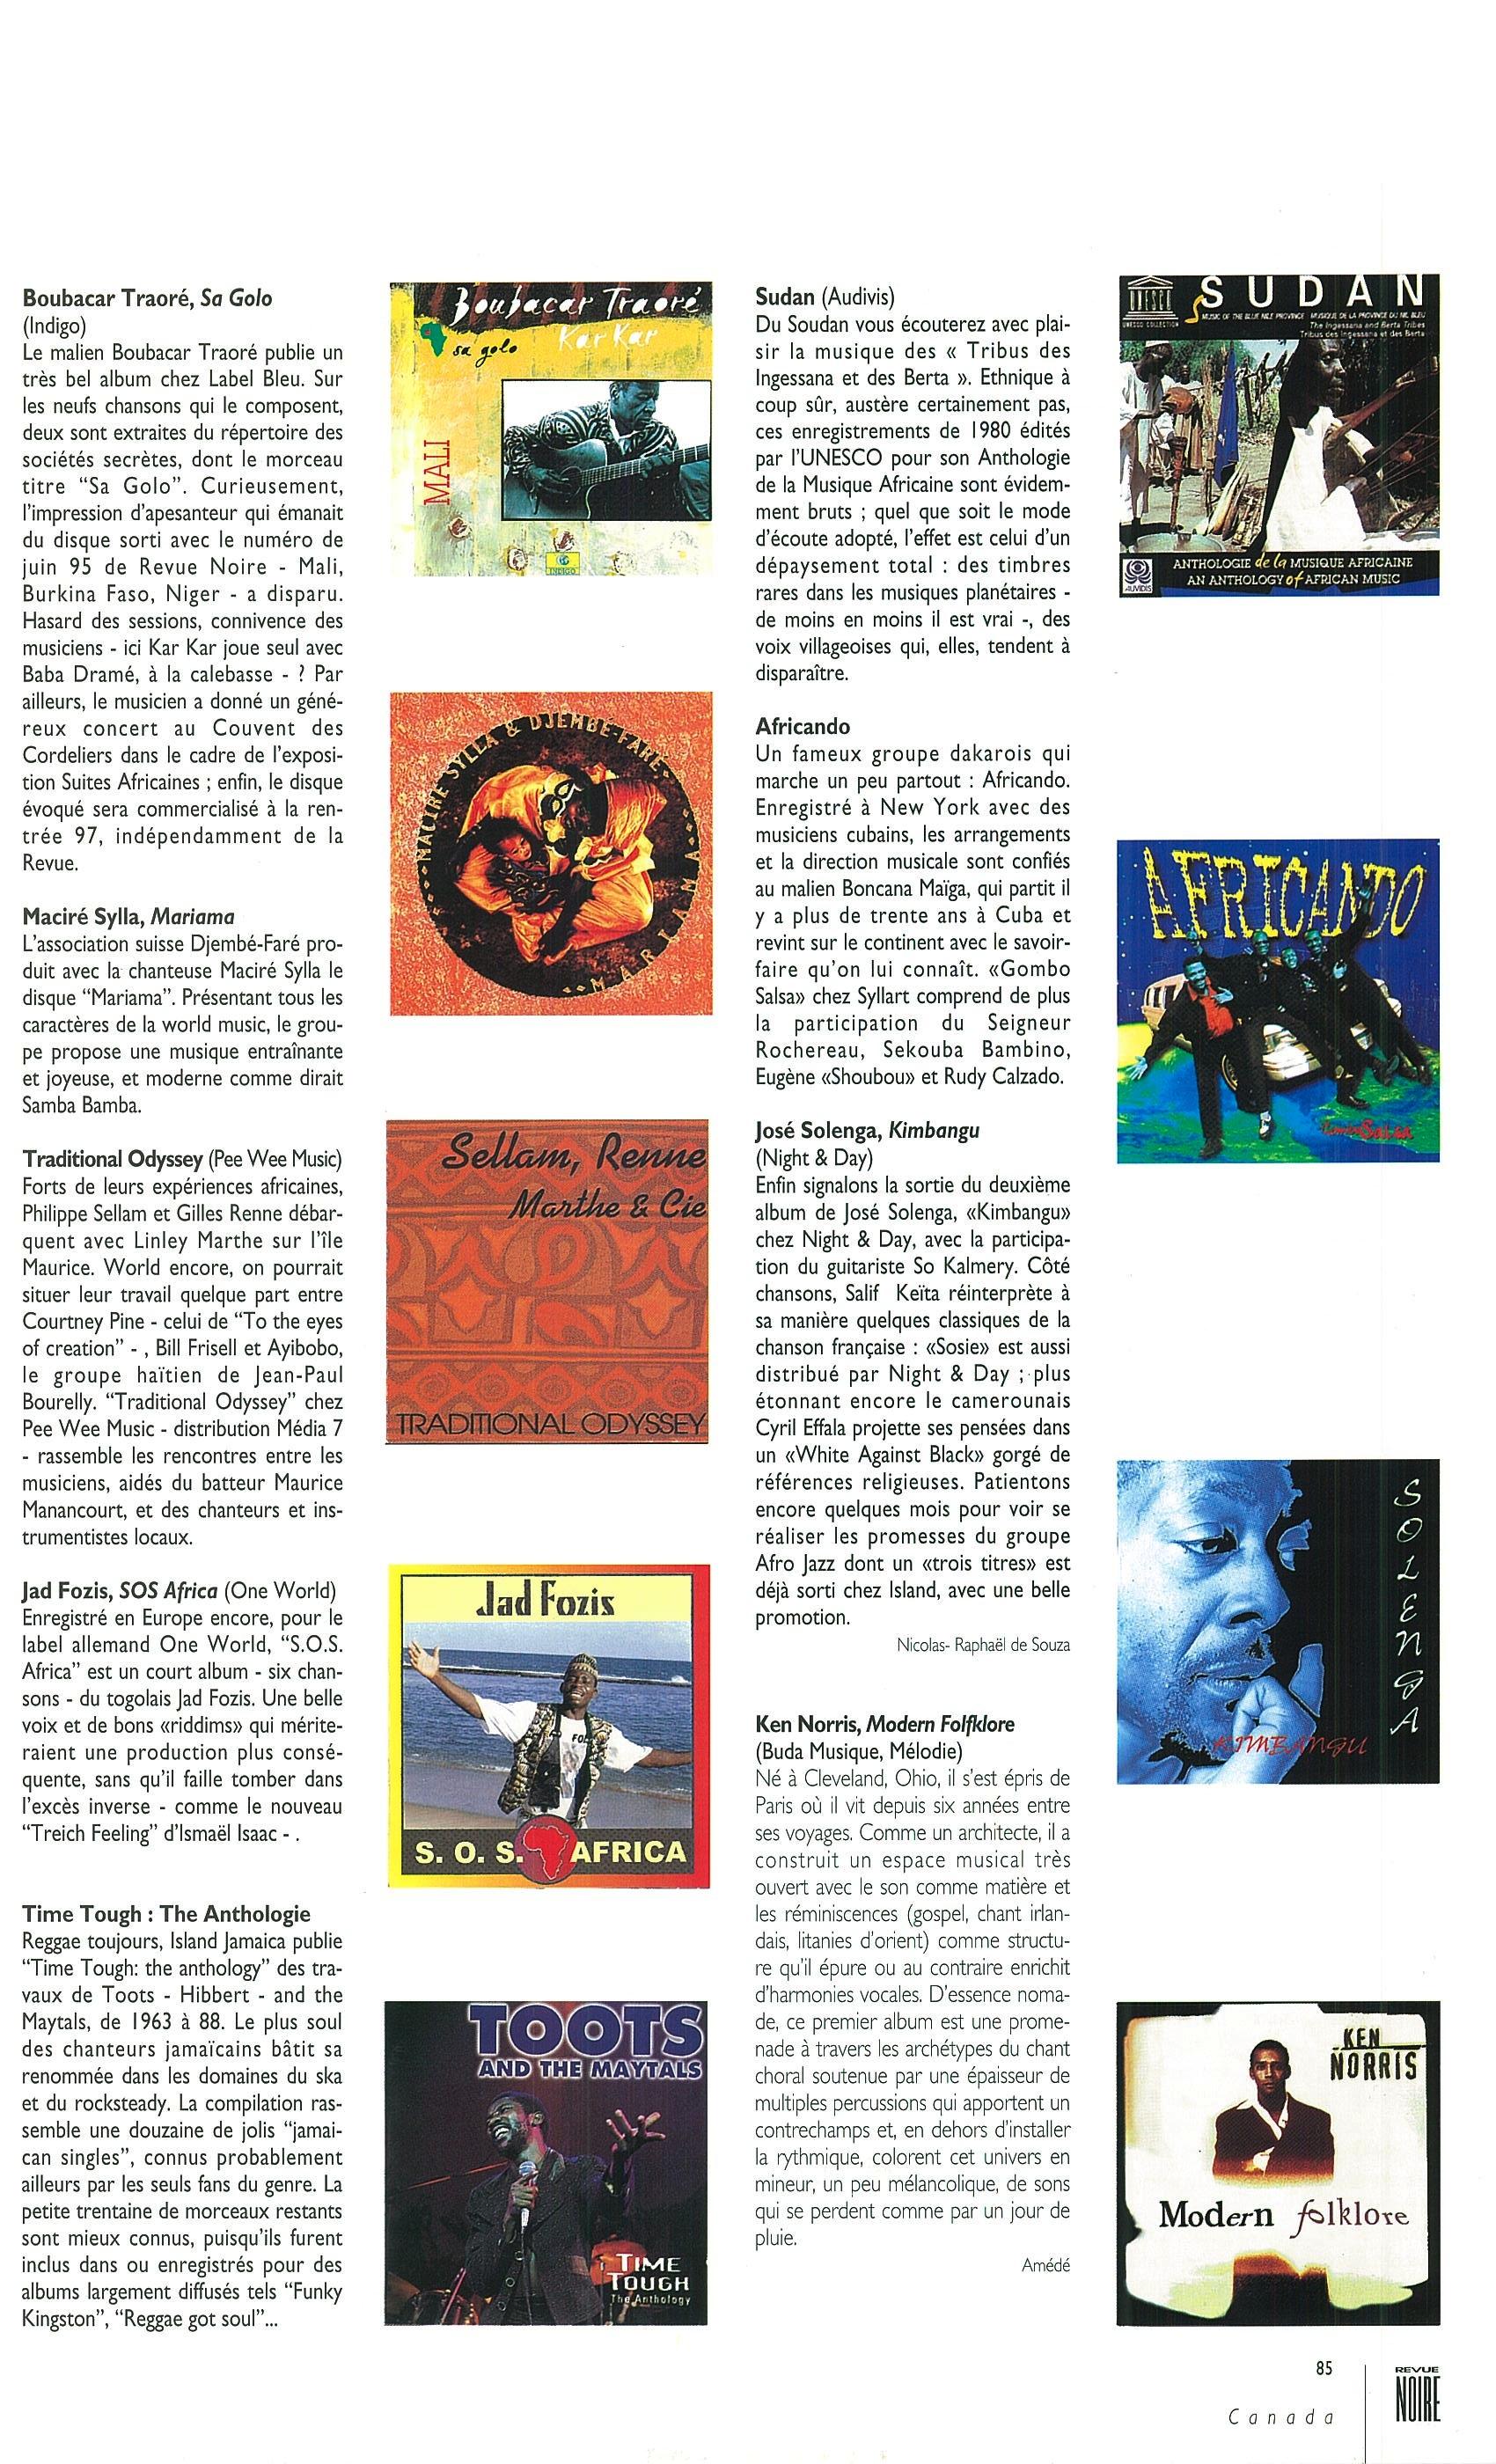 2. Revue Noire book_Page_087